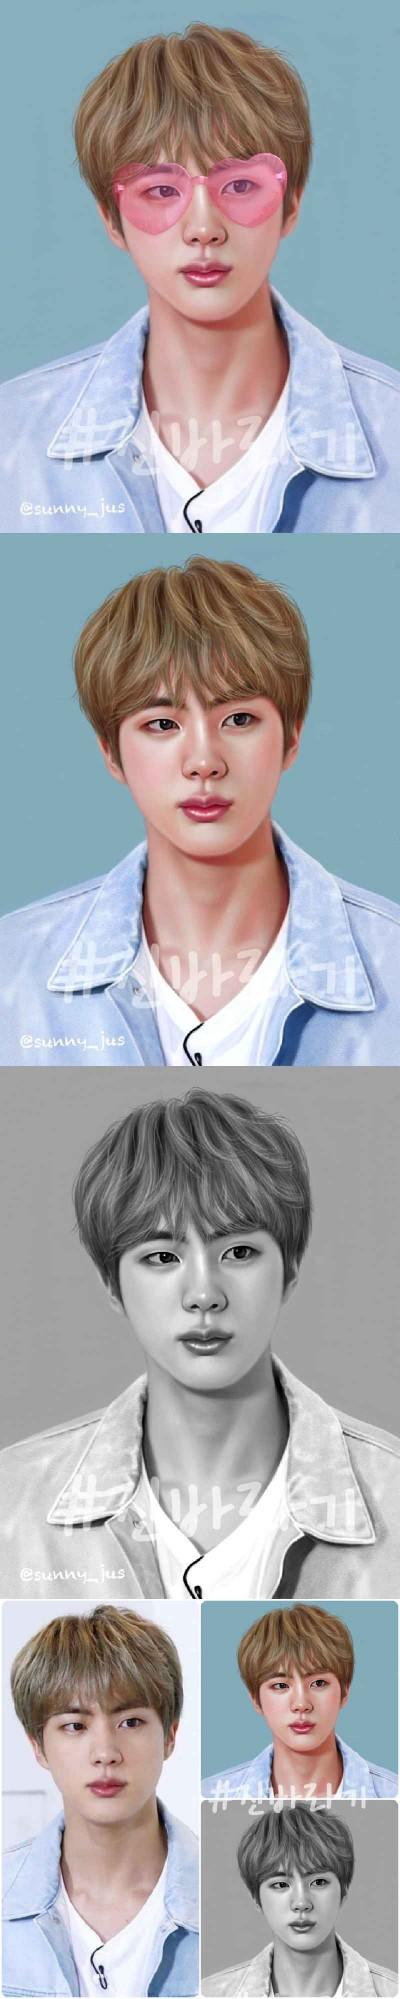 석진♡ | Sunny-jus | Digital Drawing | PENUP